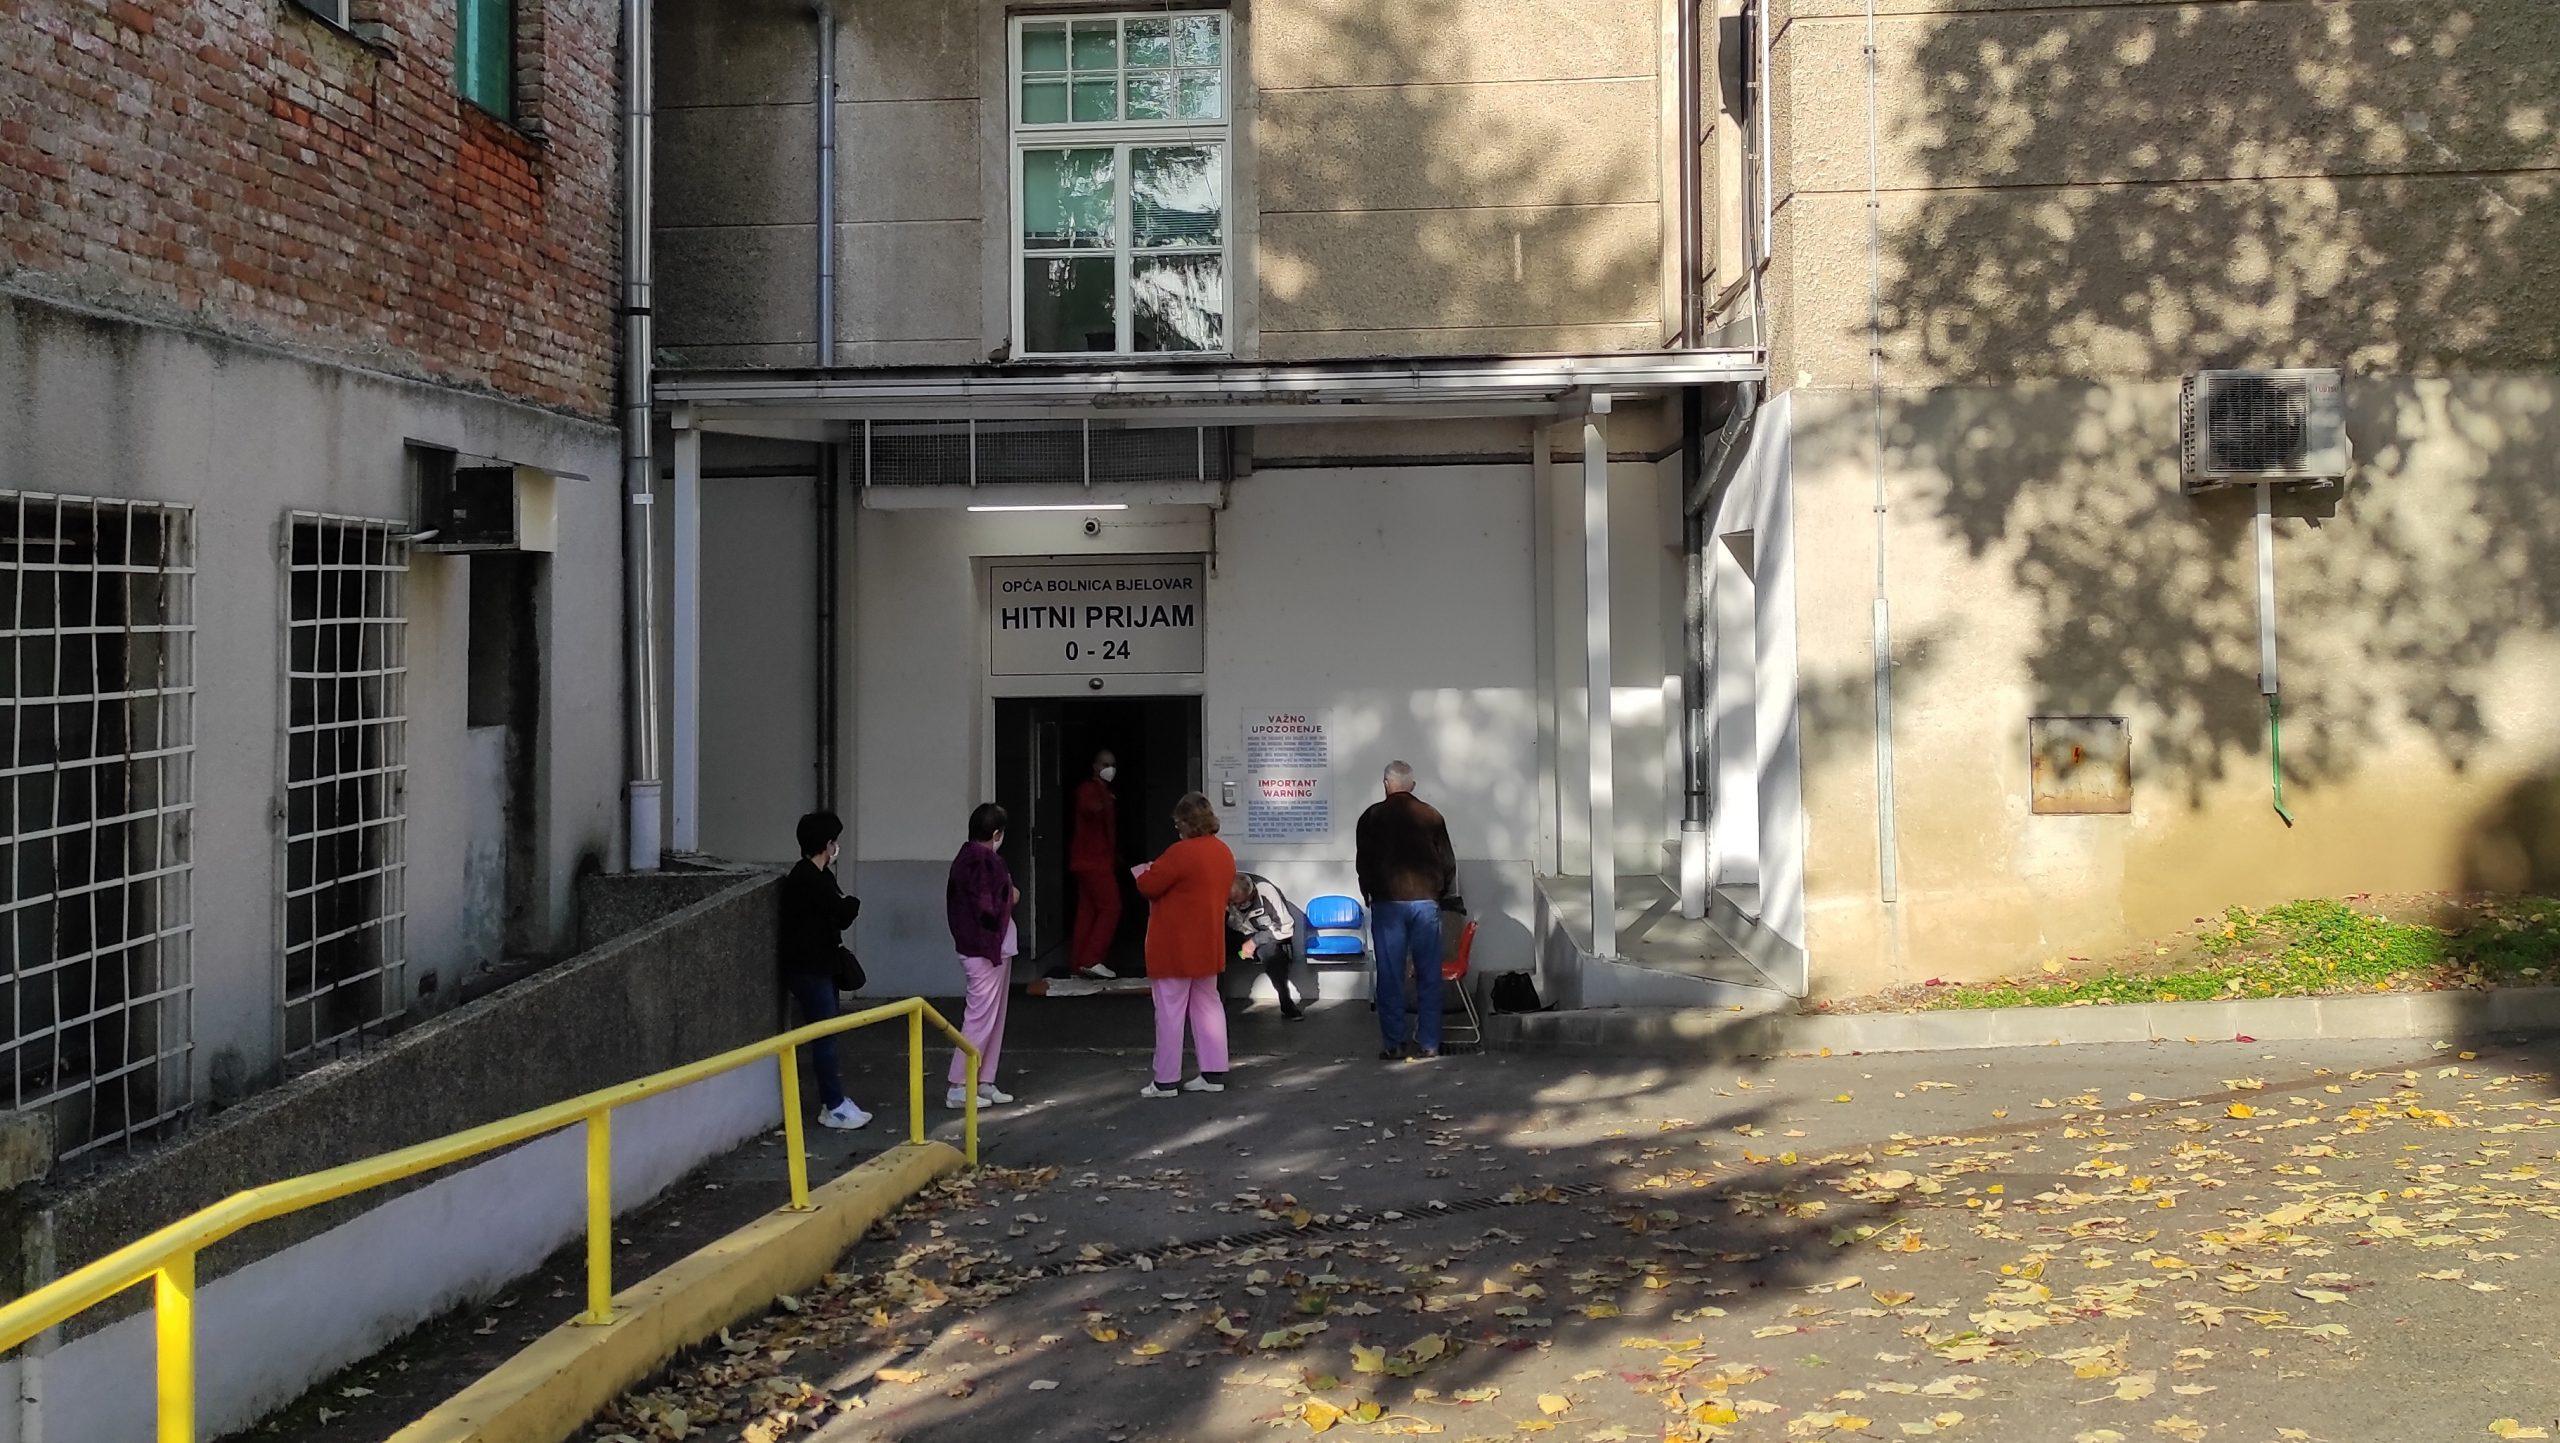 UMIROVLJENI LIJEČNICI Dom zdravlja već spašava njih 12, bolnica primila jednu ponudu